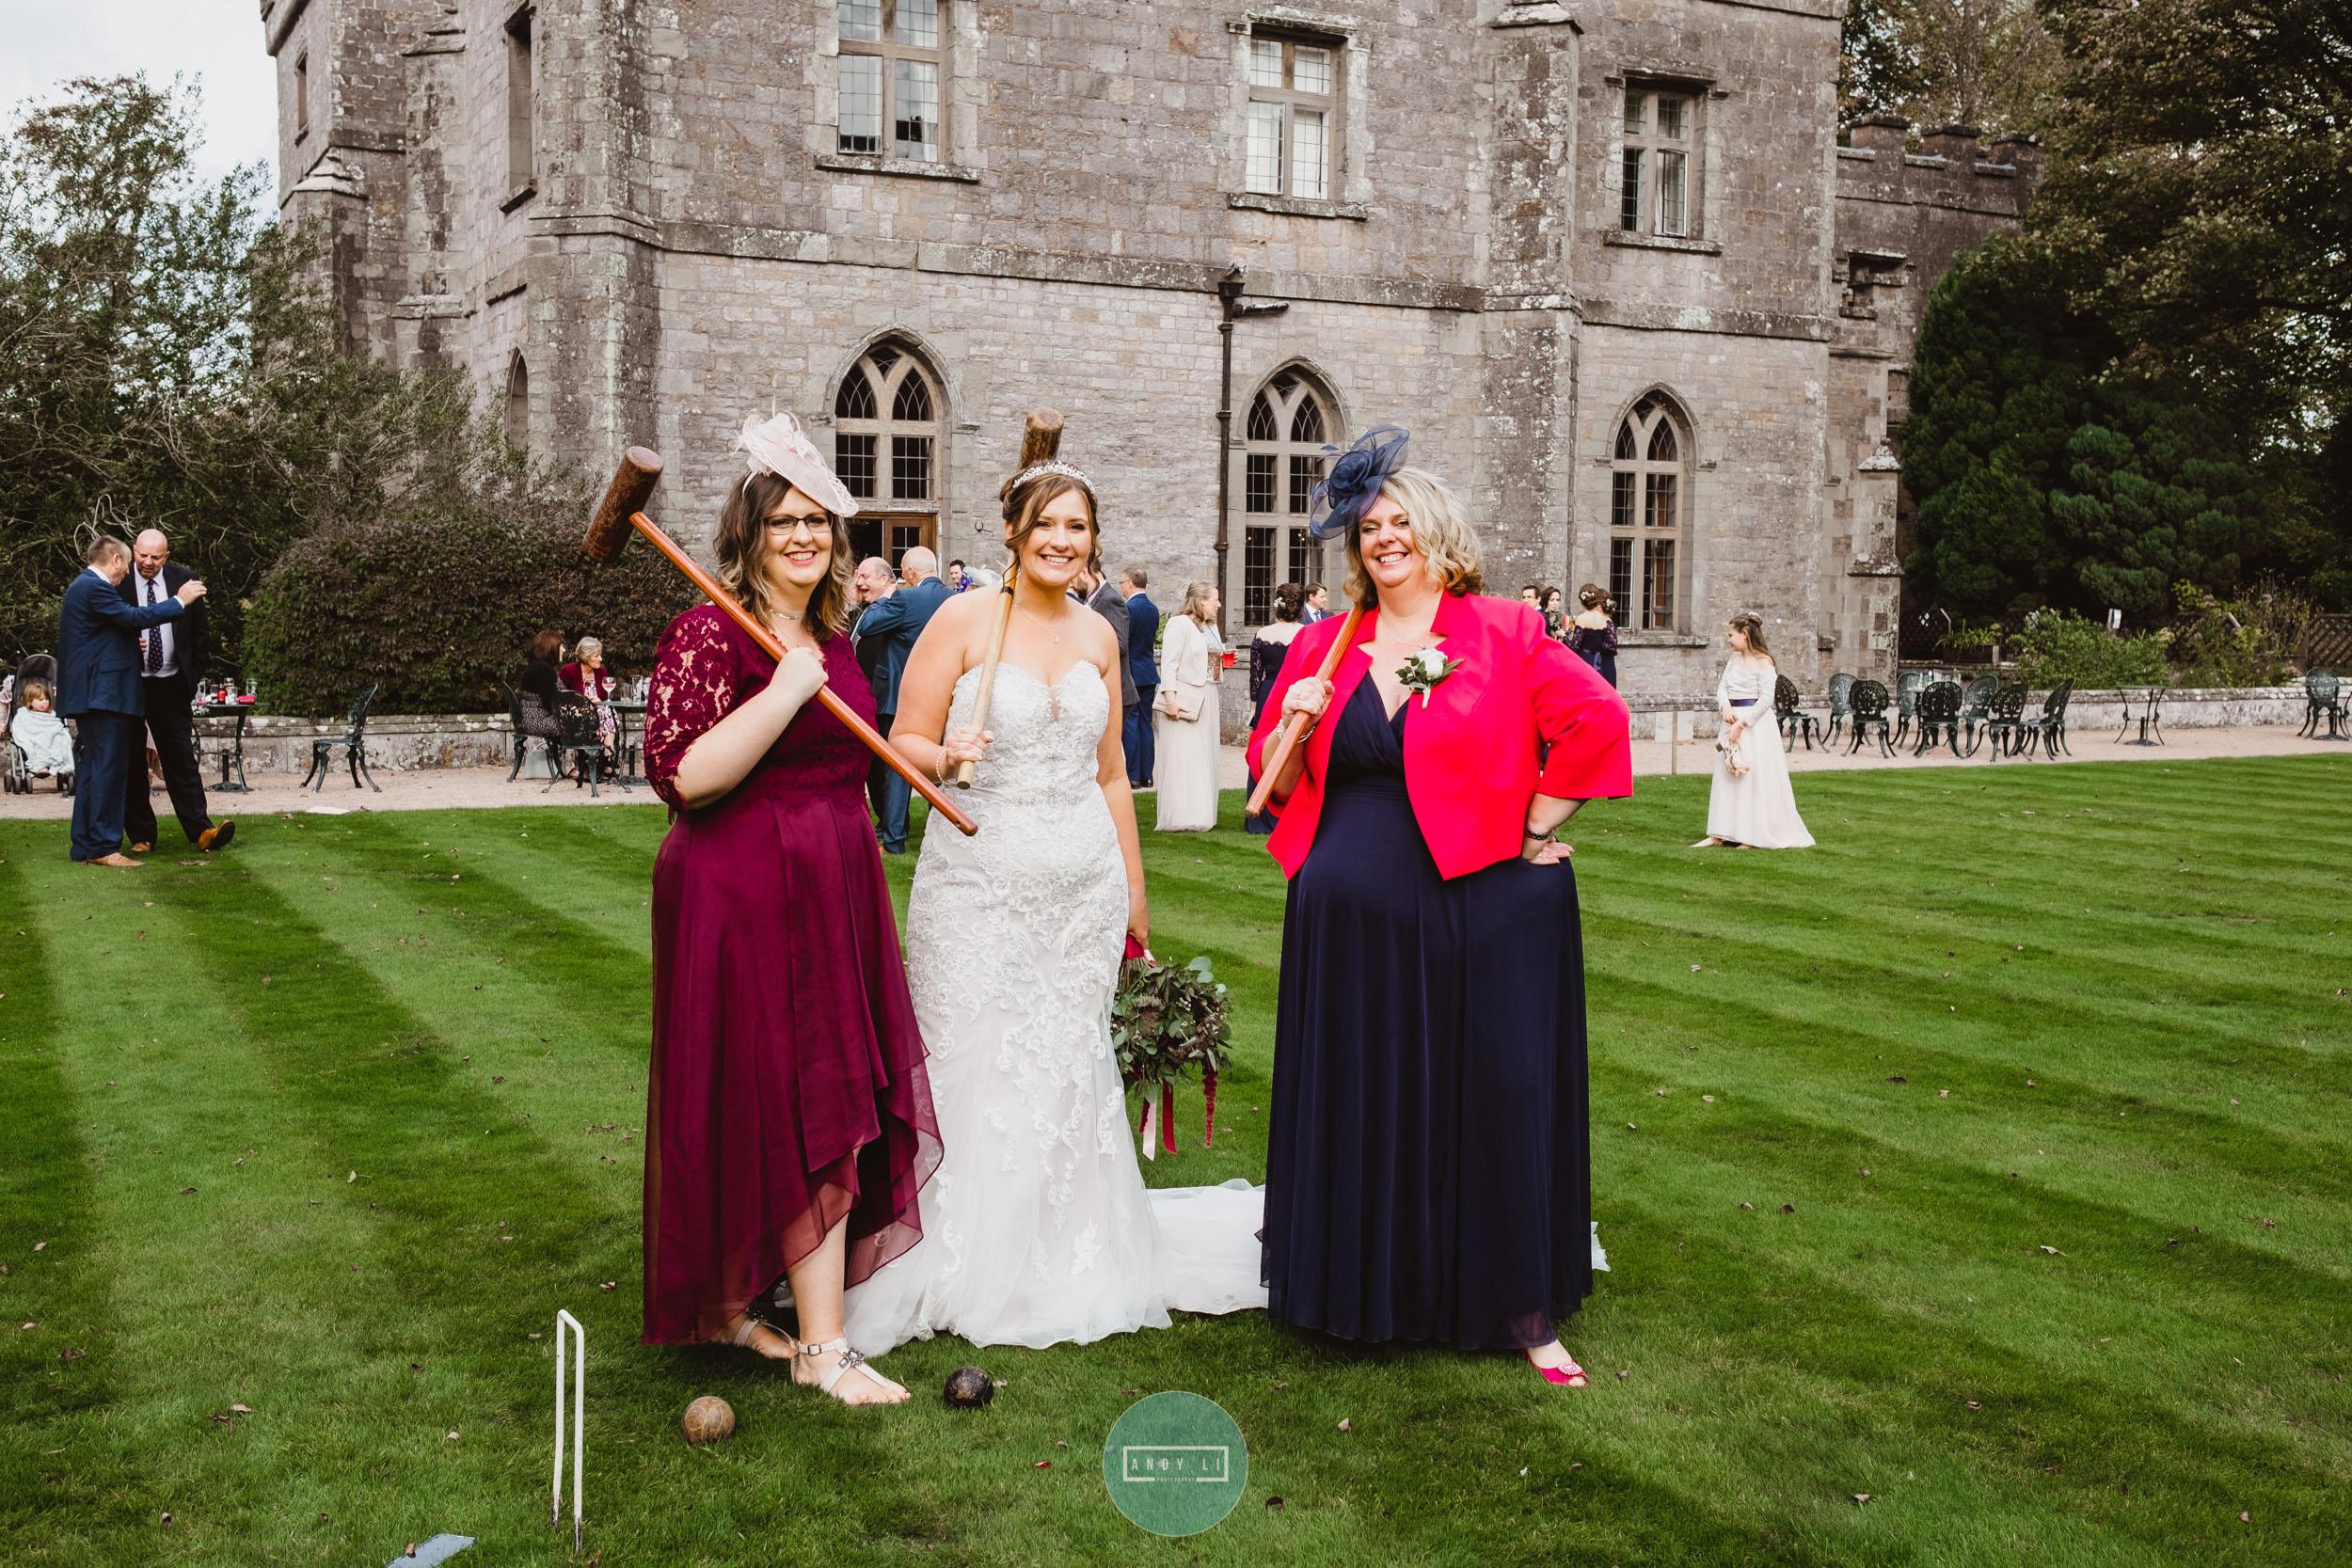 Clearwell Castle Wedding Photographer-101-AXT20668.jpg